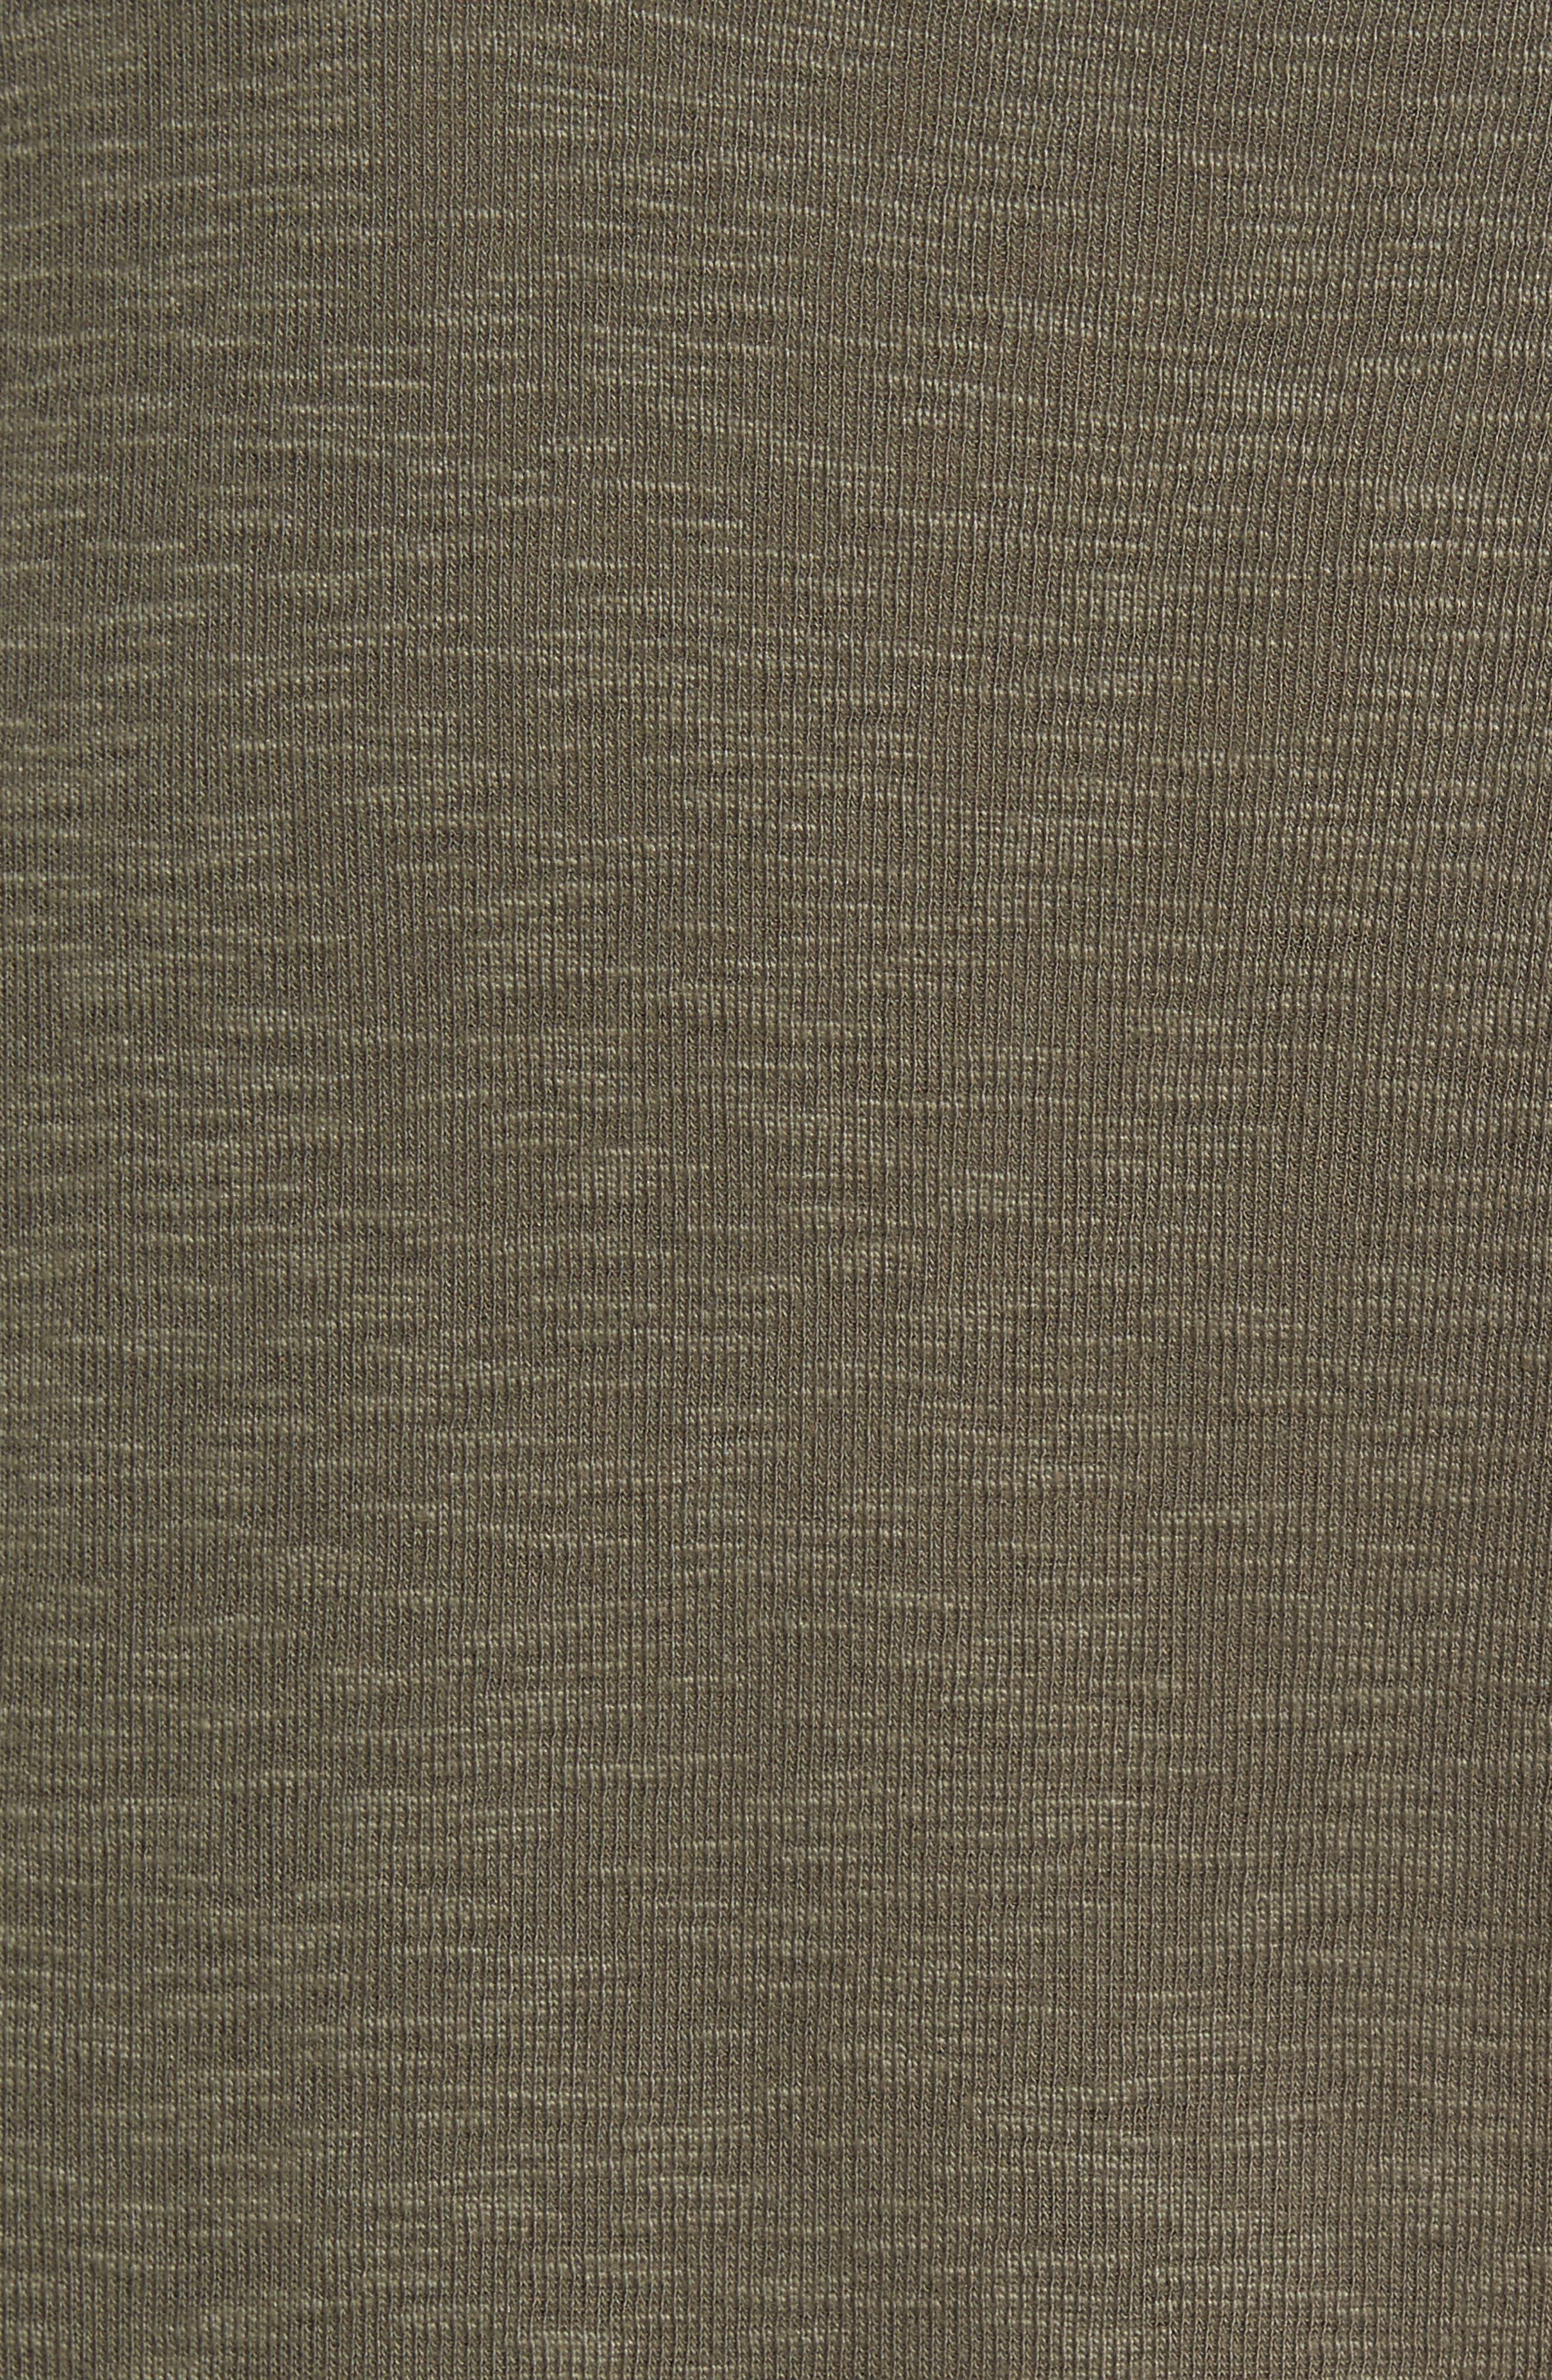 Alternate Image 5  - Treasure & Bond Short Sleeve Slub Henley